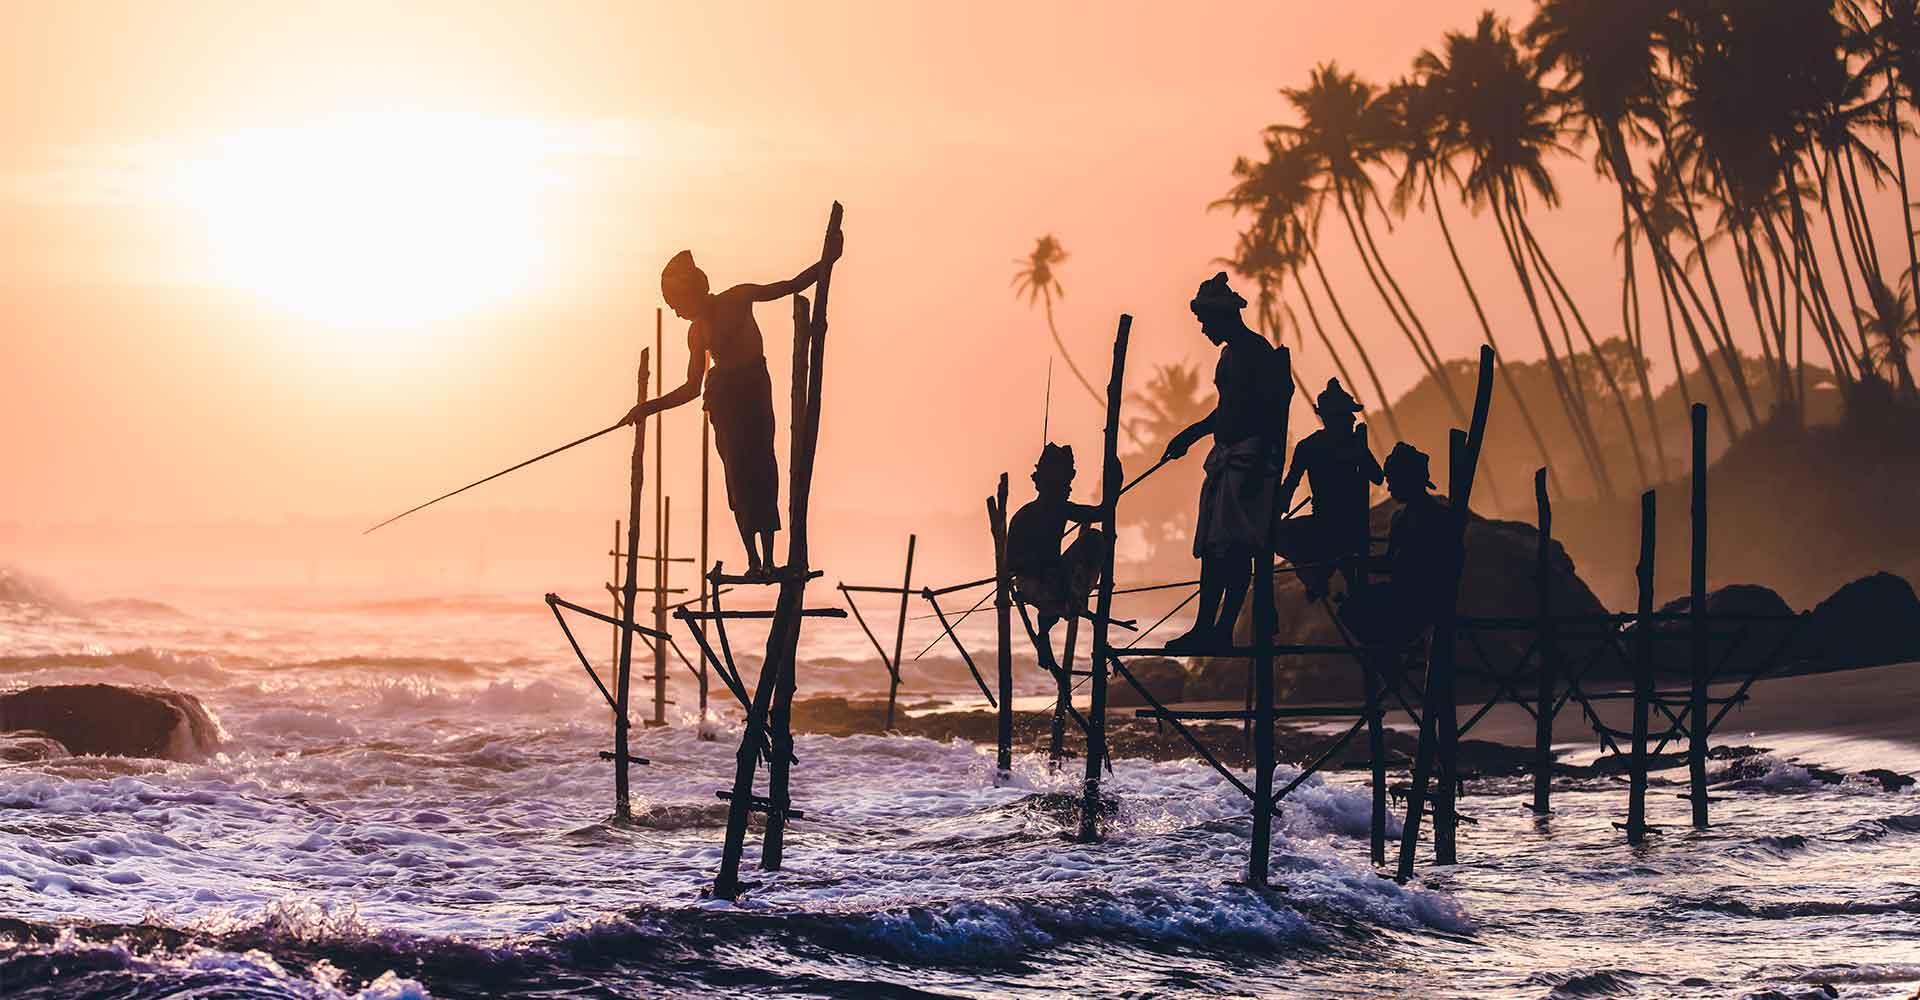 Banner image of Sri Lanka